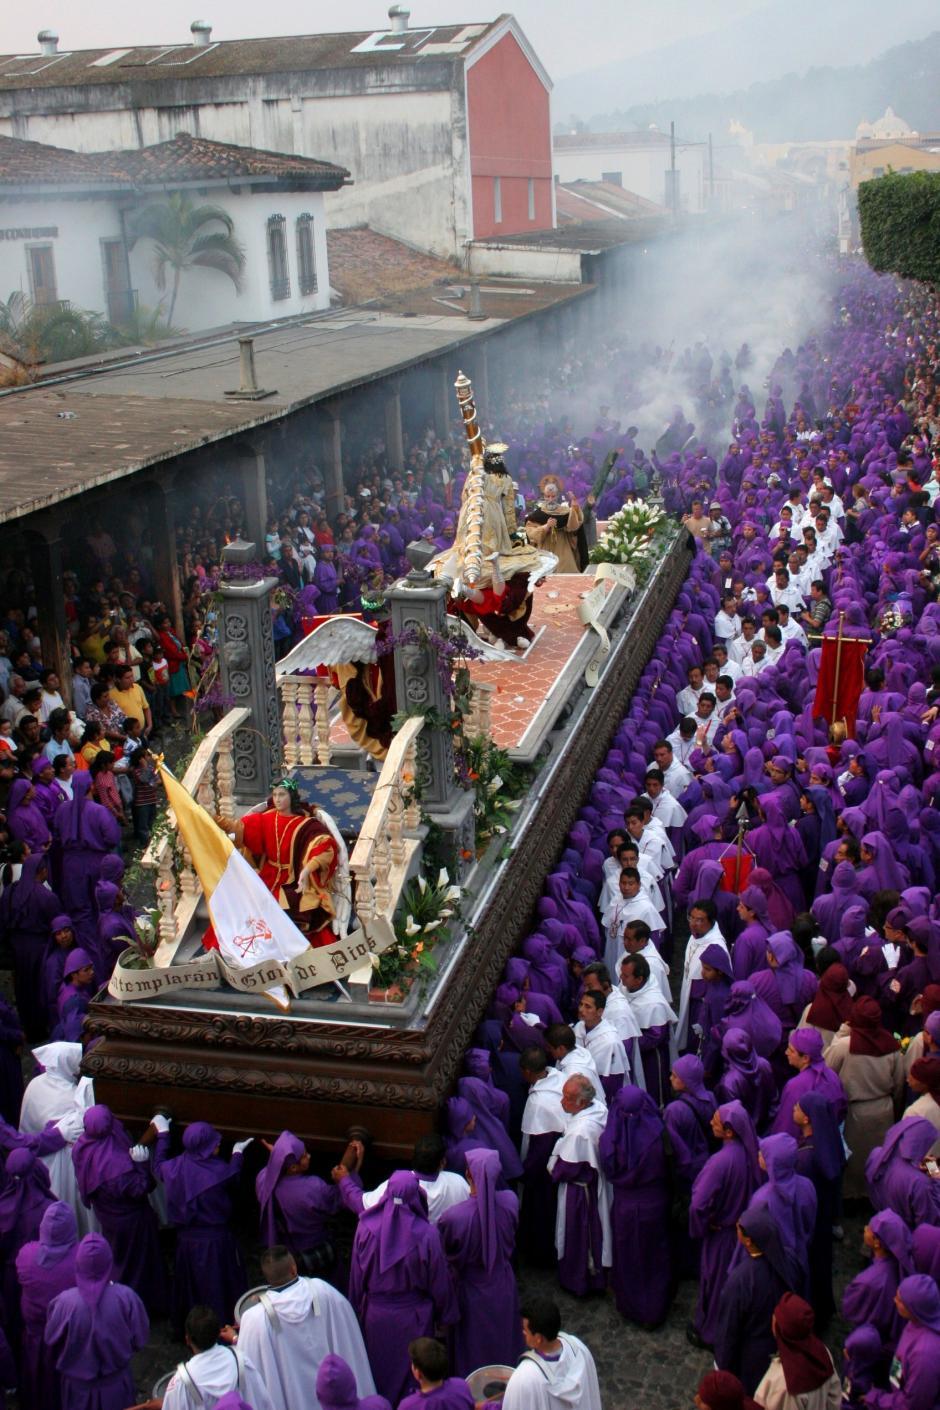 Las calles de Antigua se llenan de solmnidad con el paso de Jesús Nazareno de la Caída del Templo de San Bartolomé Becerra.(Foto: Raúl Illescas/Especial para Soy502)